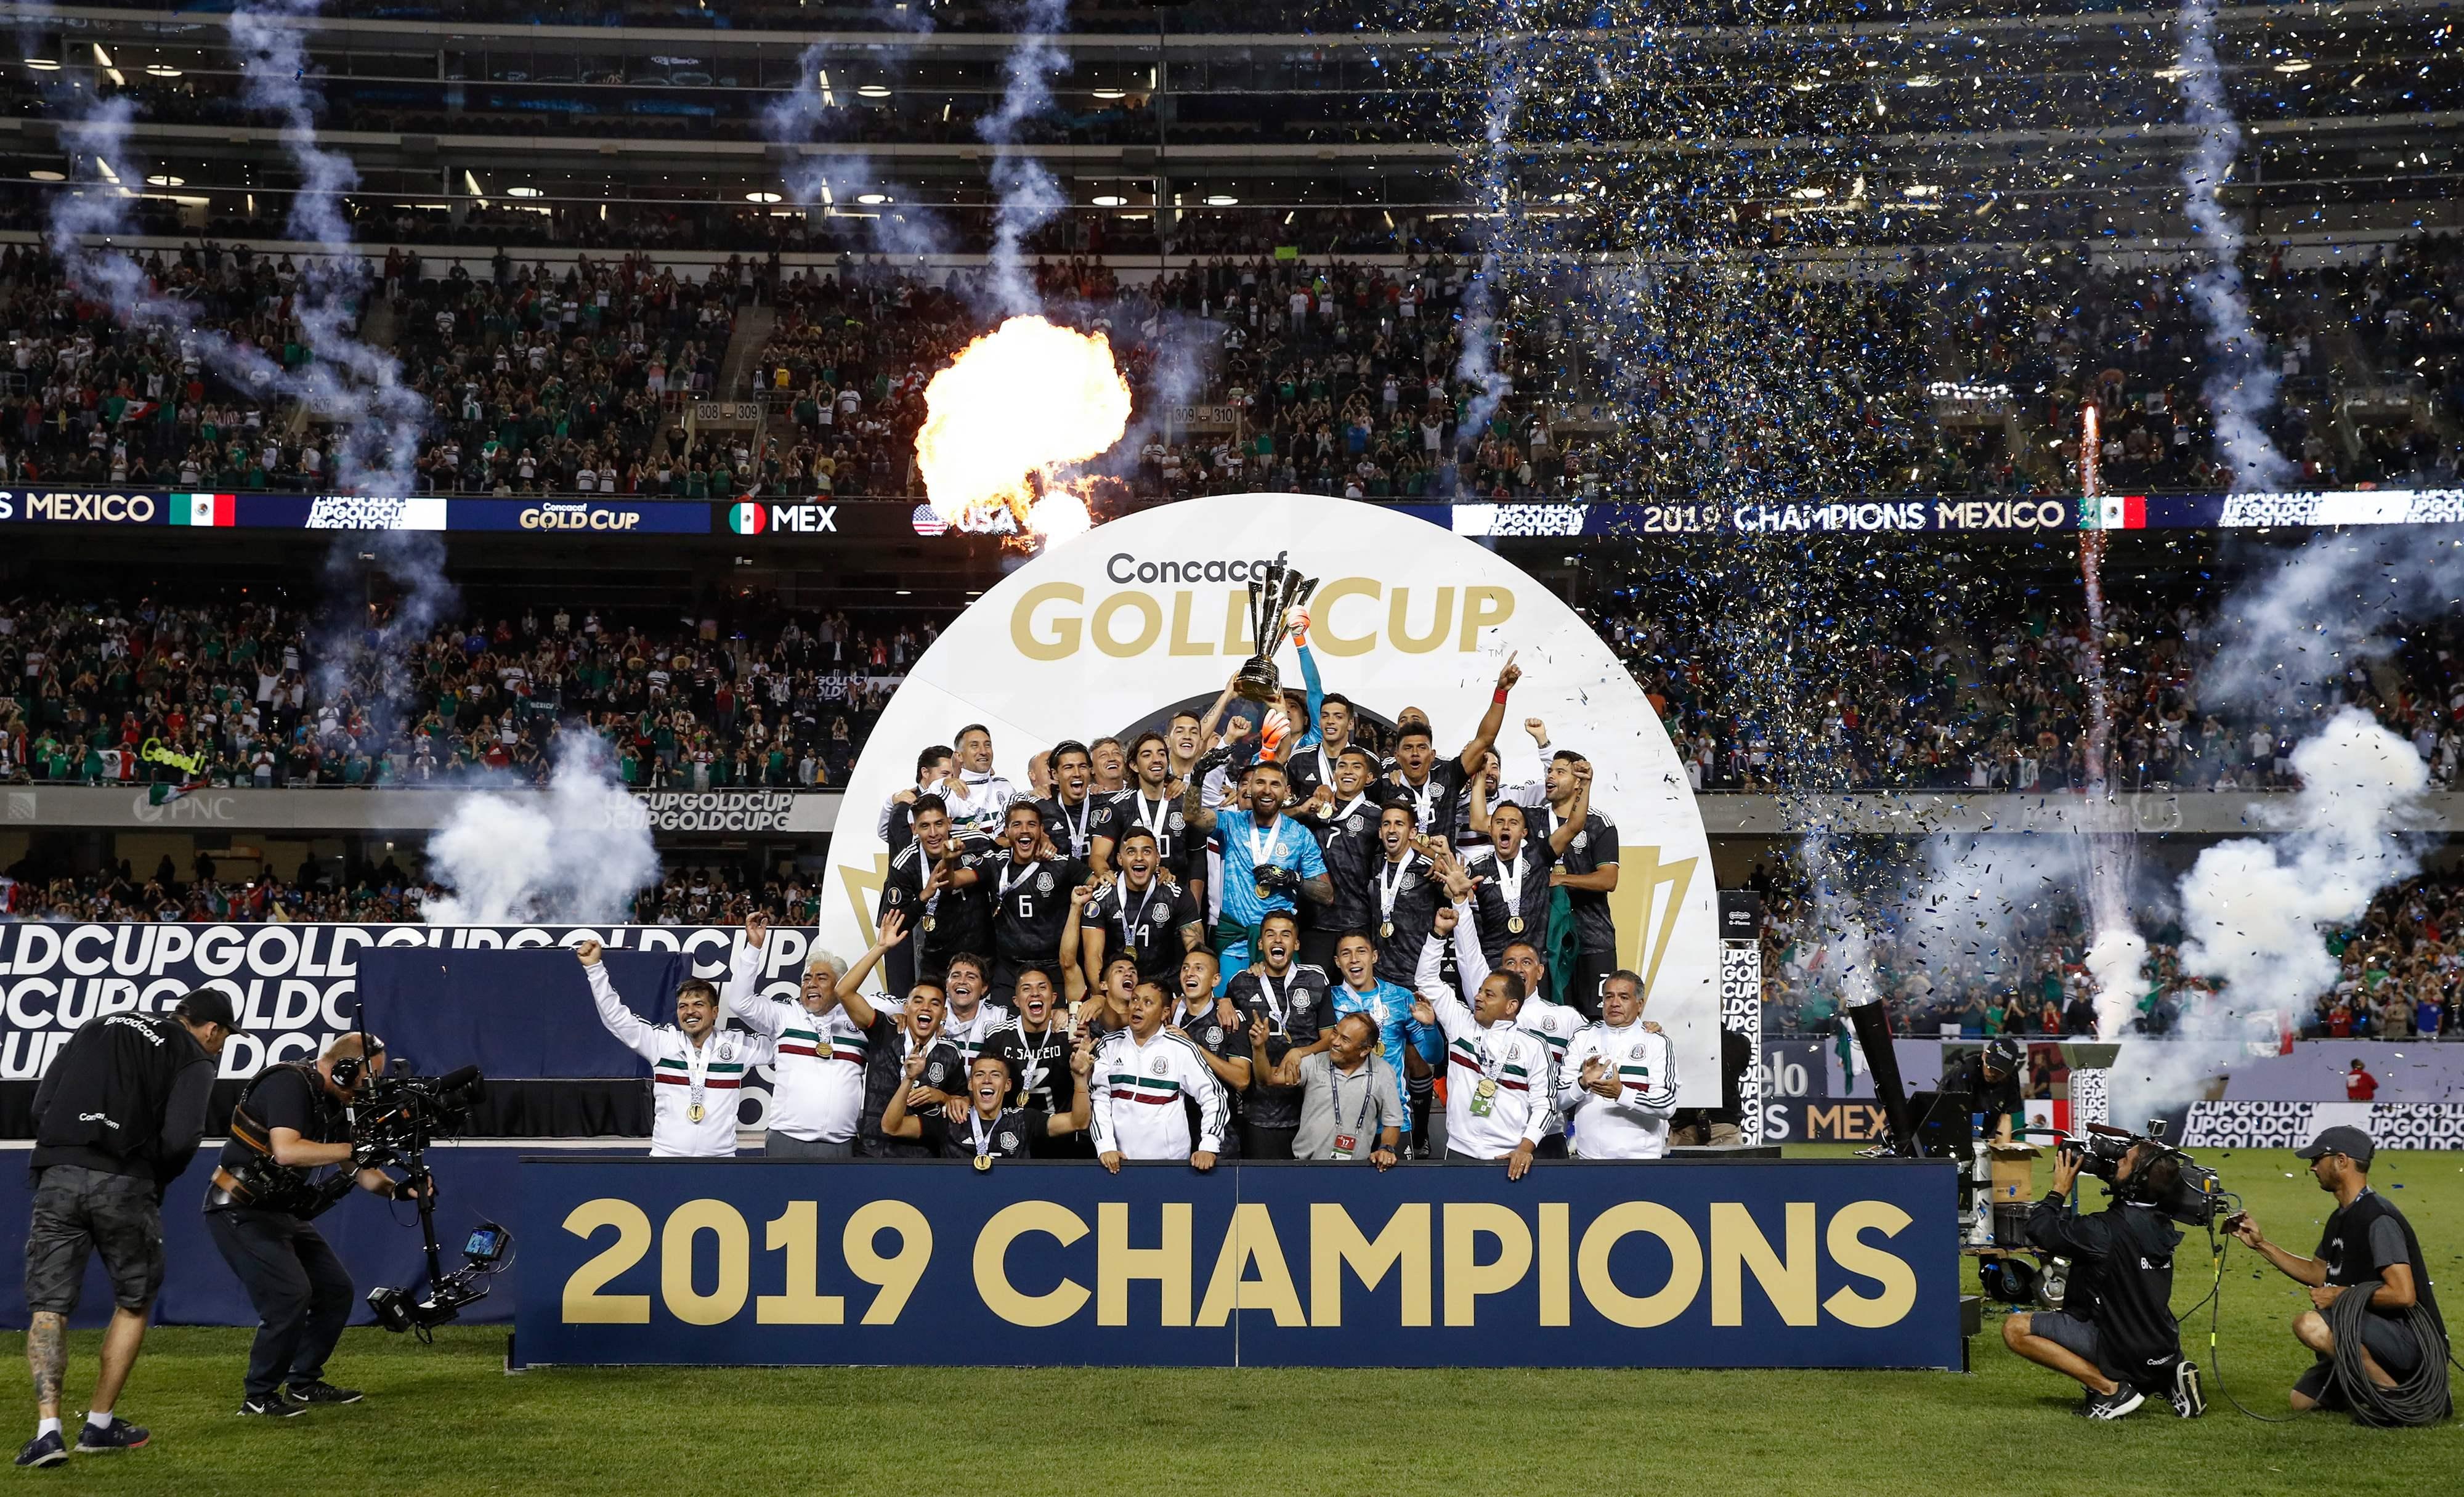 Чм 2019 отборочный турнир северная и центральная америка [PUNIQRANDLINE-(au-dating-names.txt) 22